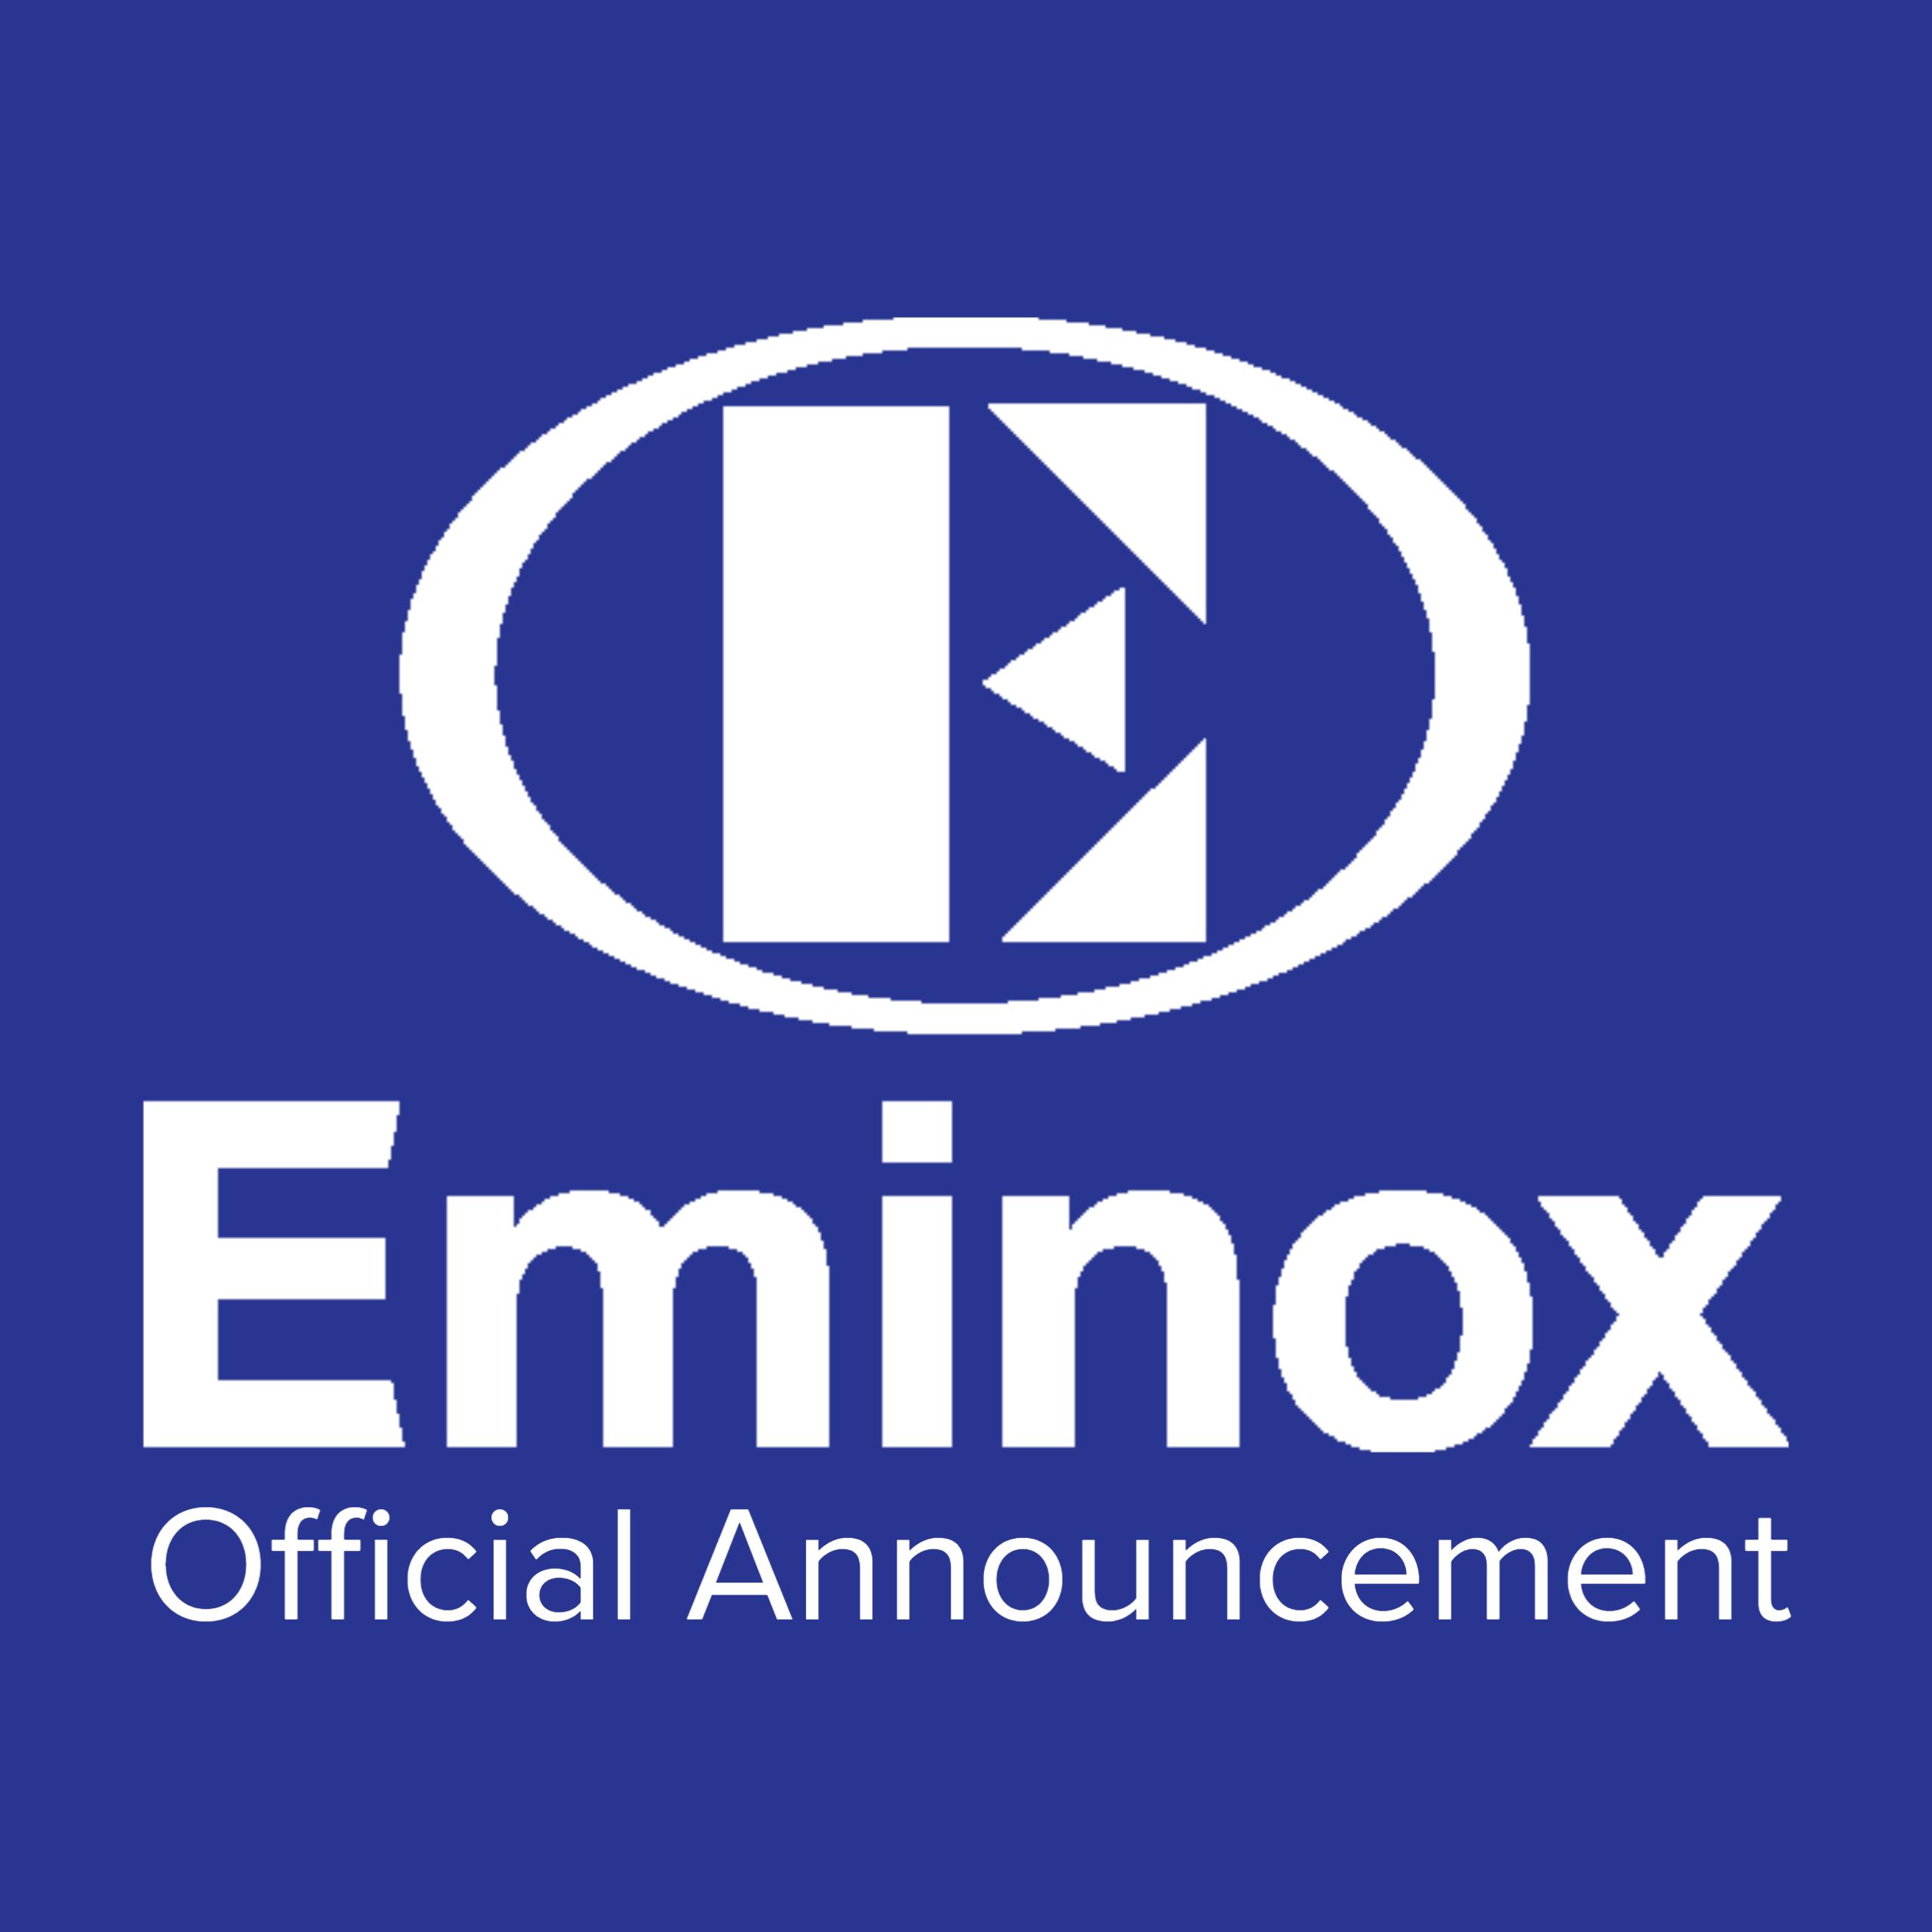 Eminox announcement